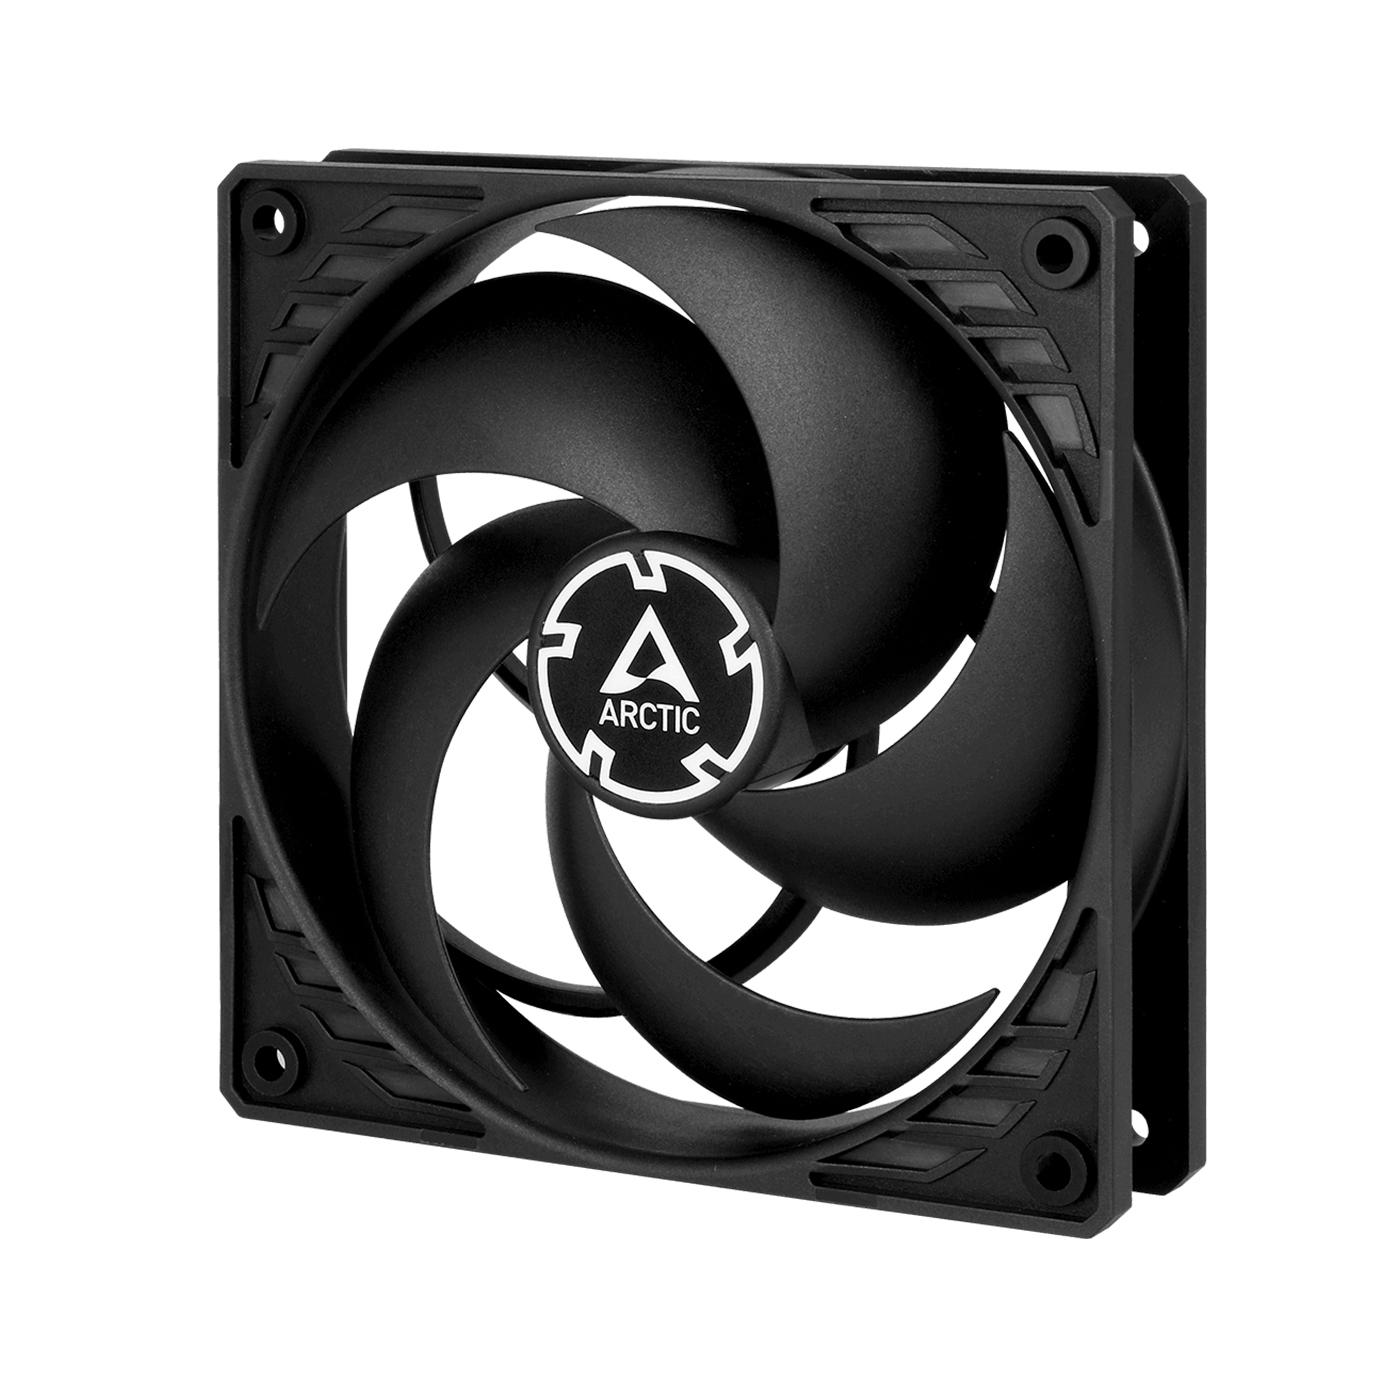 ARCTIC F12 PWM (BLACK) – 120MM CASE FAN WITH PWM CONTROL